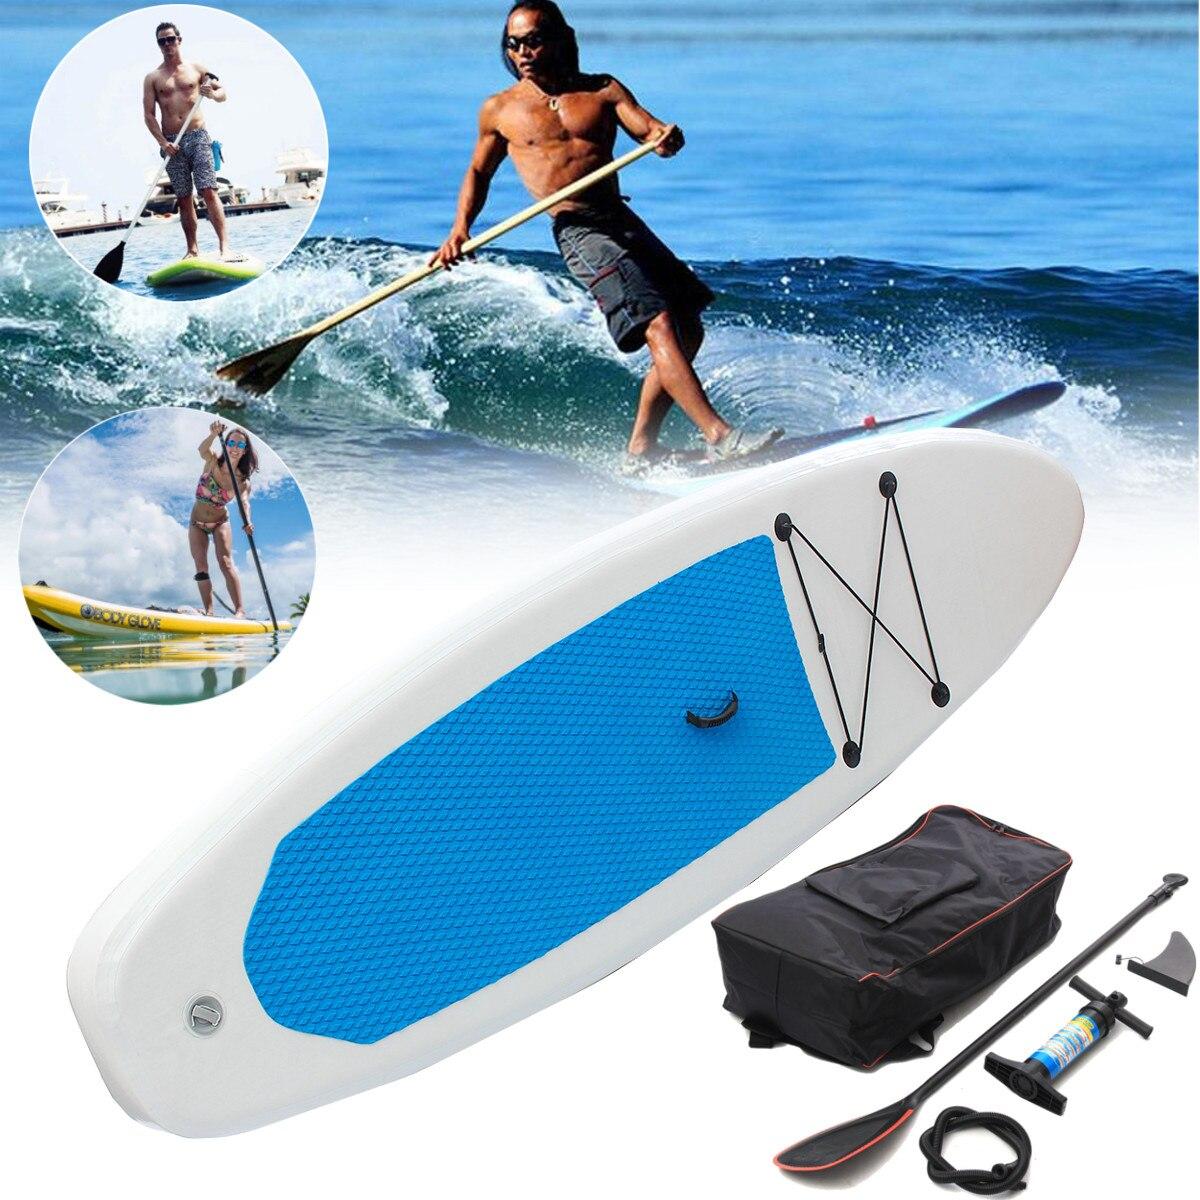 Gofun 310*68.5*10 cm Stand Up Paddle Planche De Surf Gonflable Conseil SUP Ensemble Wave Rider + Pompe gonflable planche de surf paddle bateau - 3